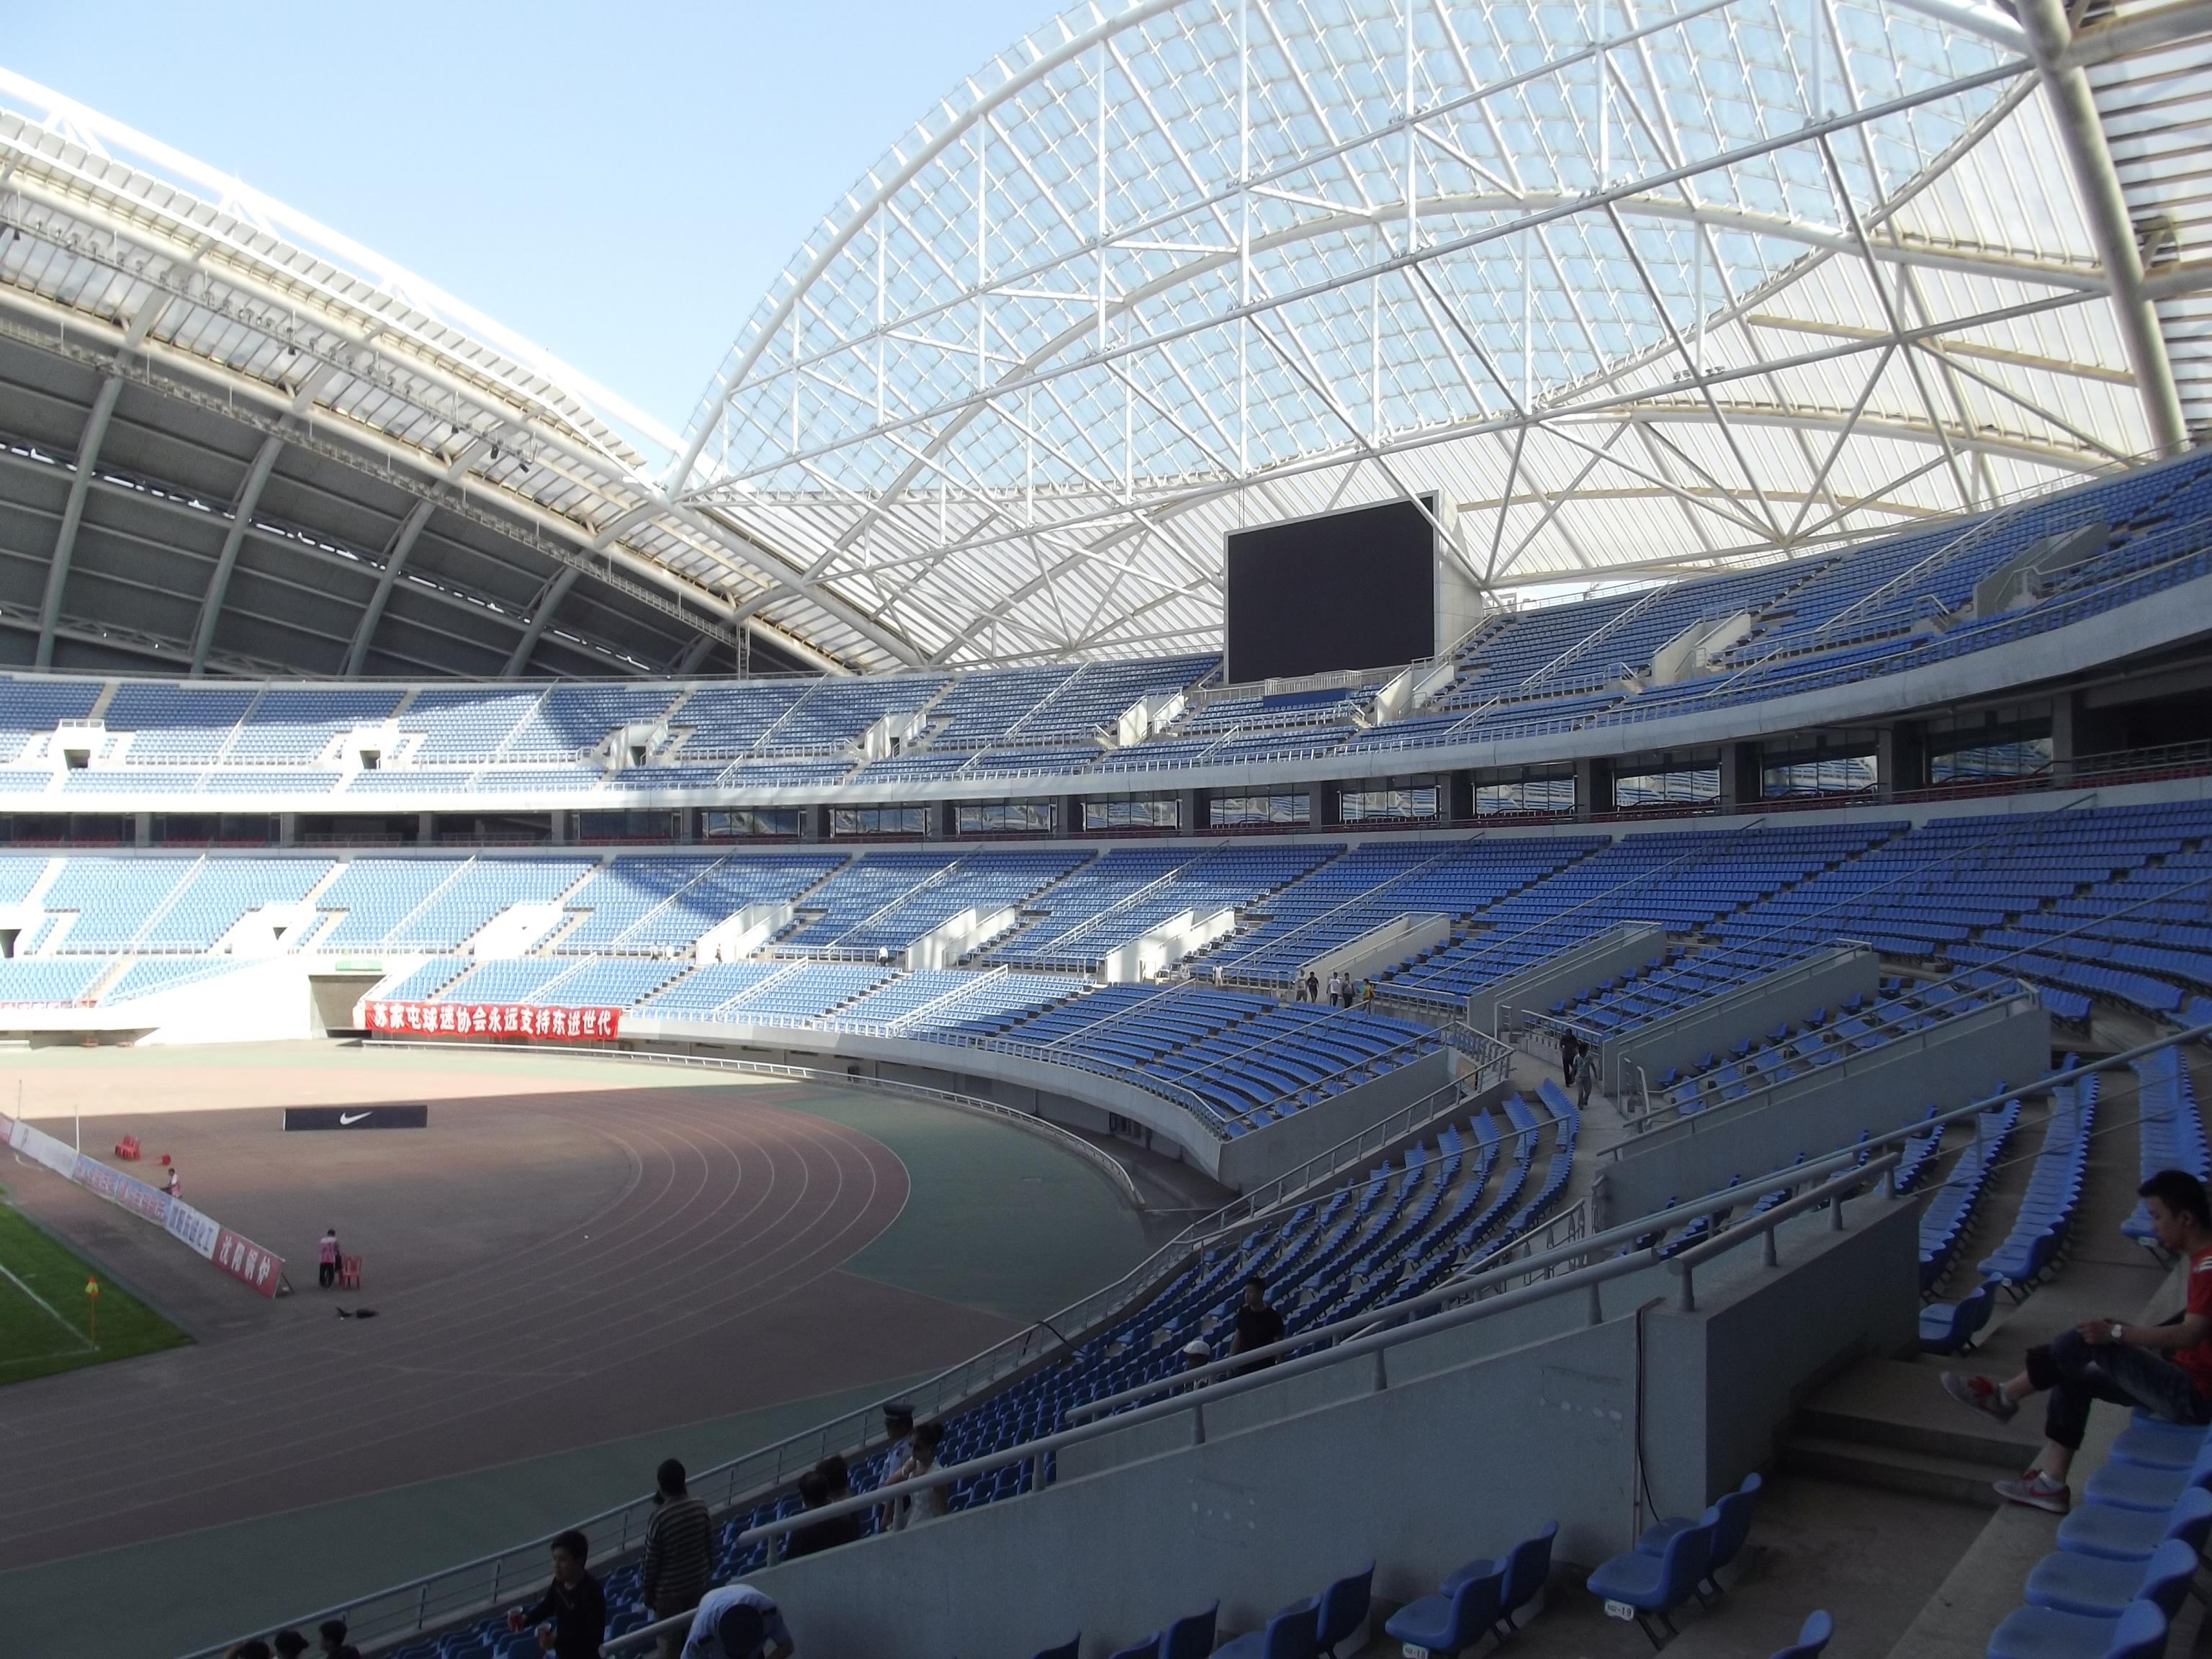 אצטדיון מרכז הספורט האולימפי שן-יאנג